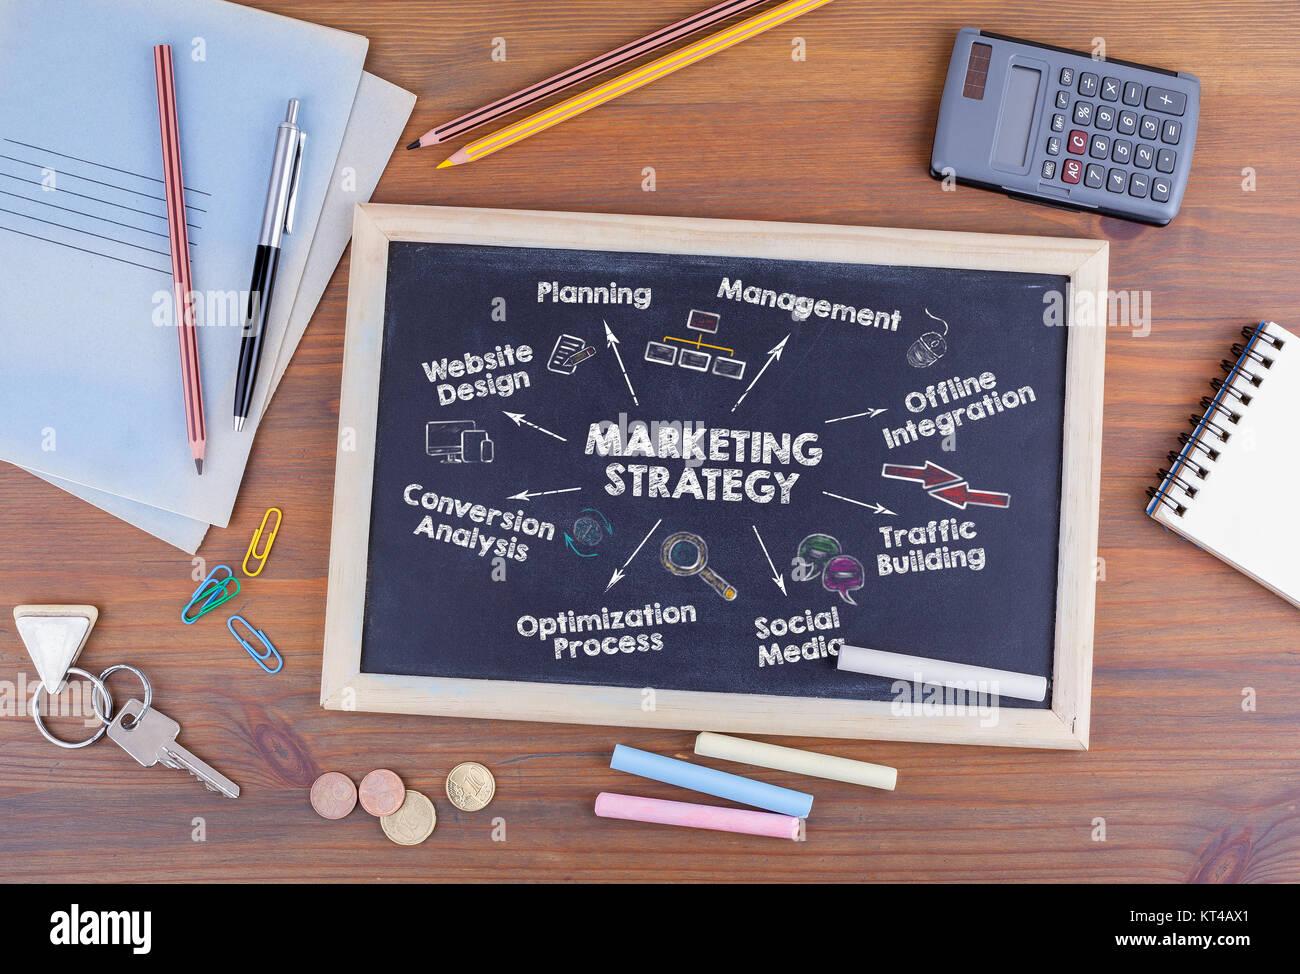 Strategia di commercializzazione di concetto. Grafico con le parole chiave e le icone su una lavagna Immagini Stock